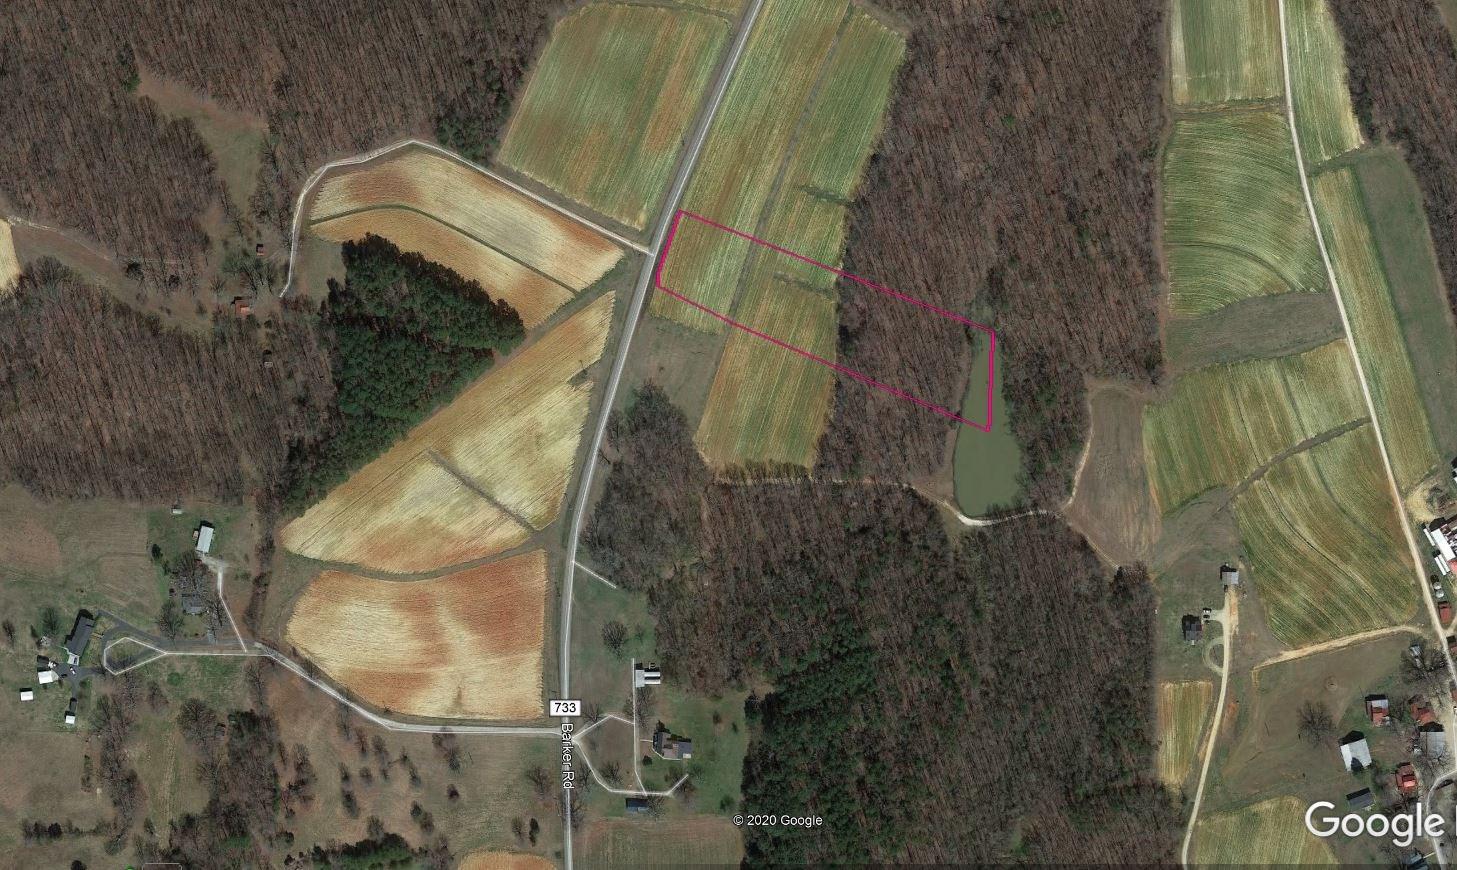 3+/- Acre Lot in Pittsylvania County, VA